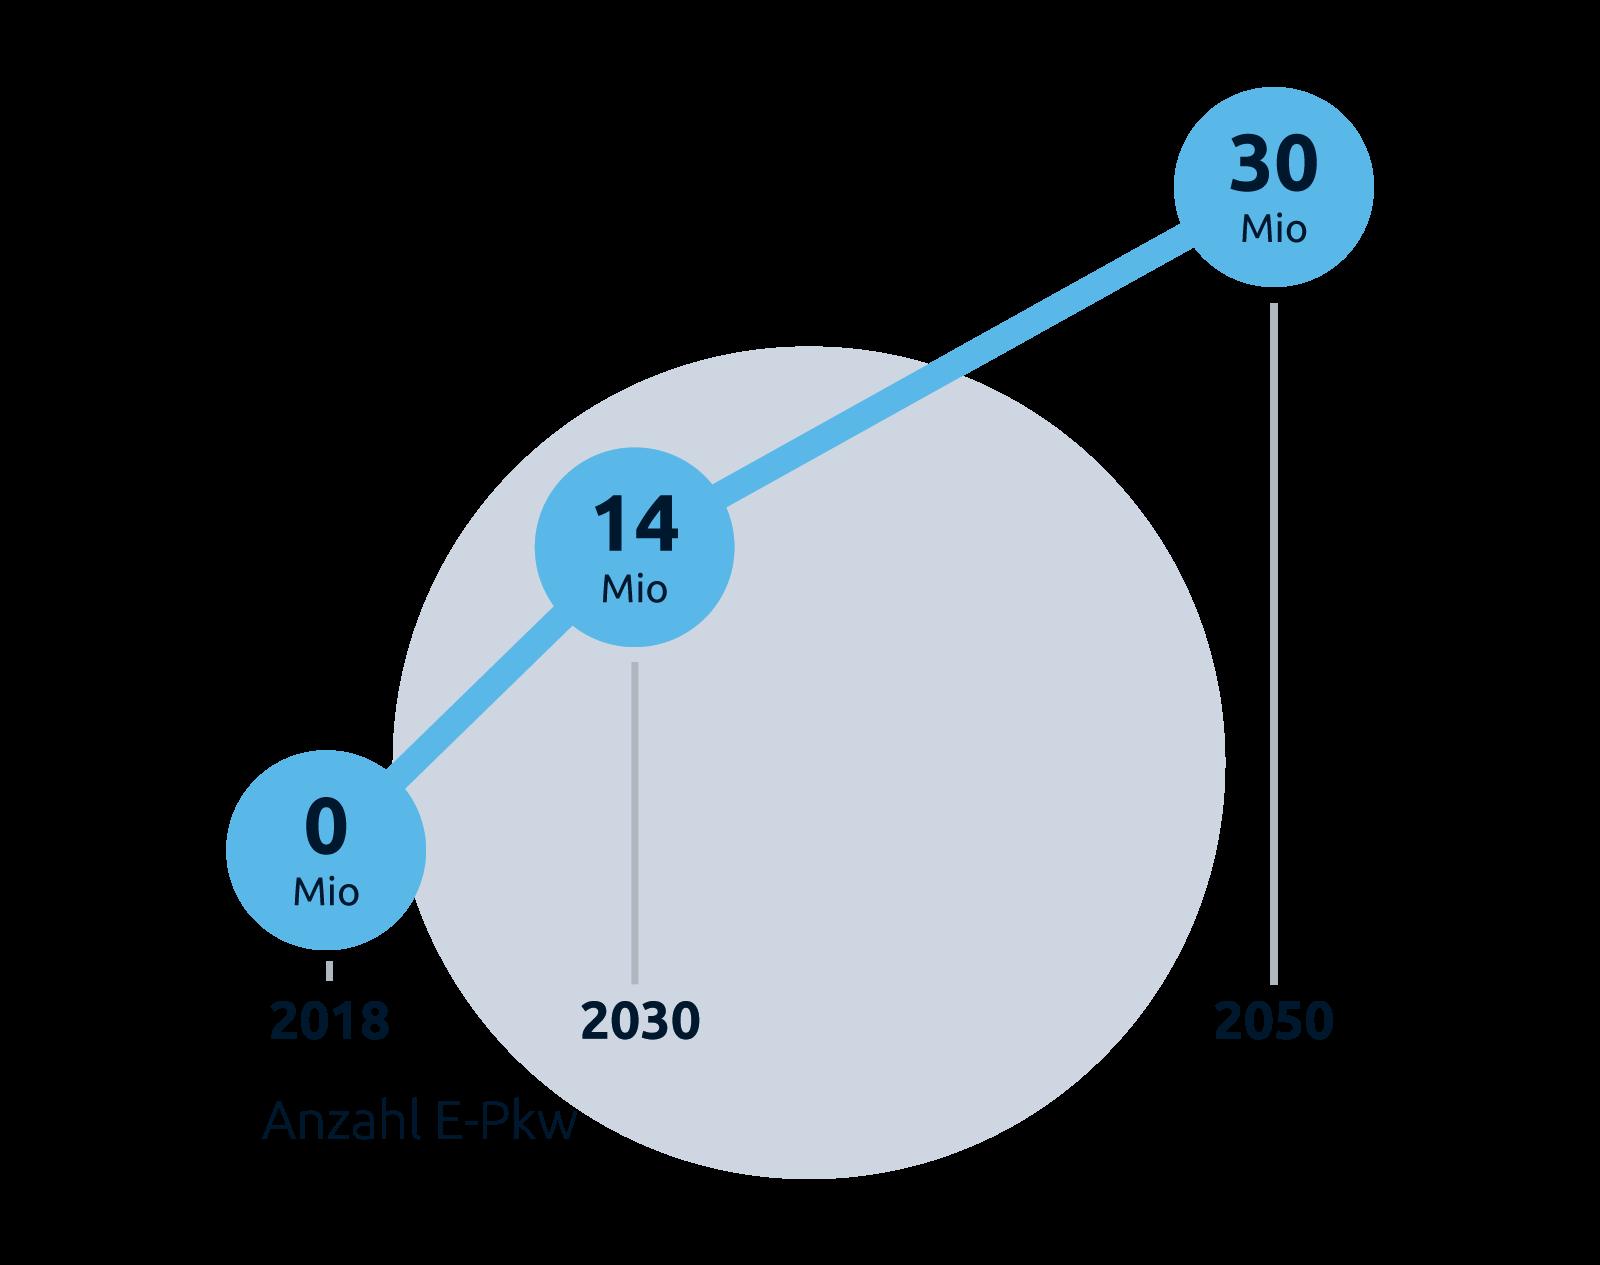 """Grafik """"Anzahl E-Pkw in Mio t"""", Stiftung Klimaneutralität"""""""